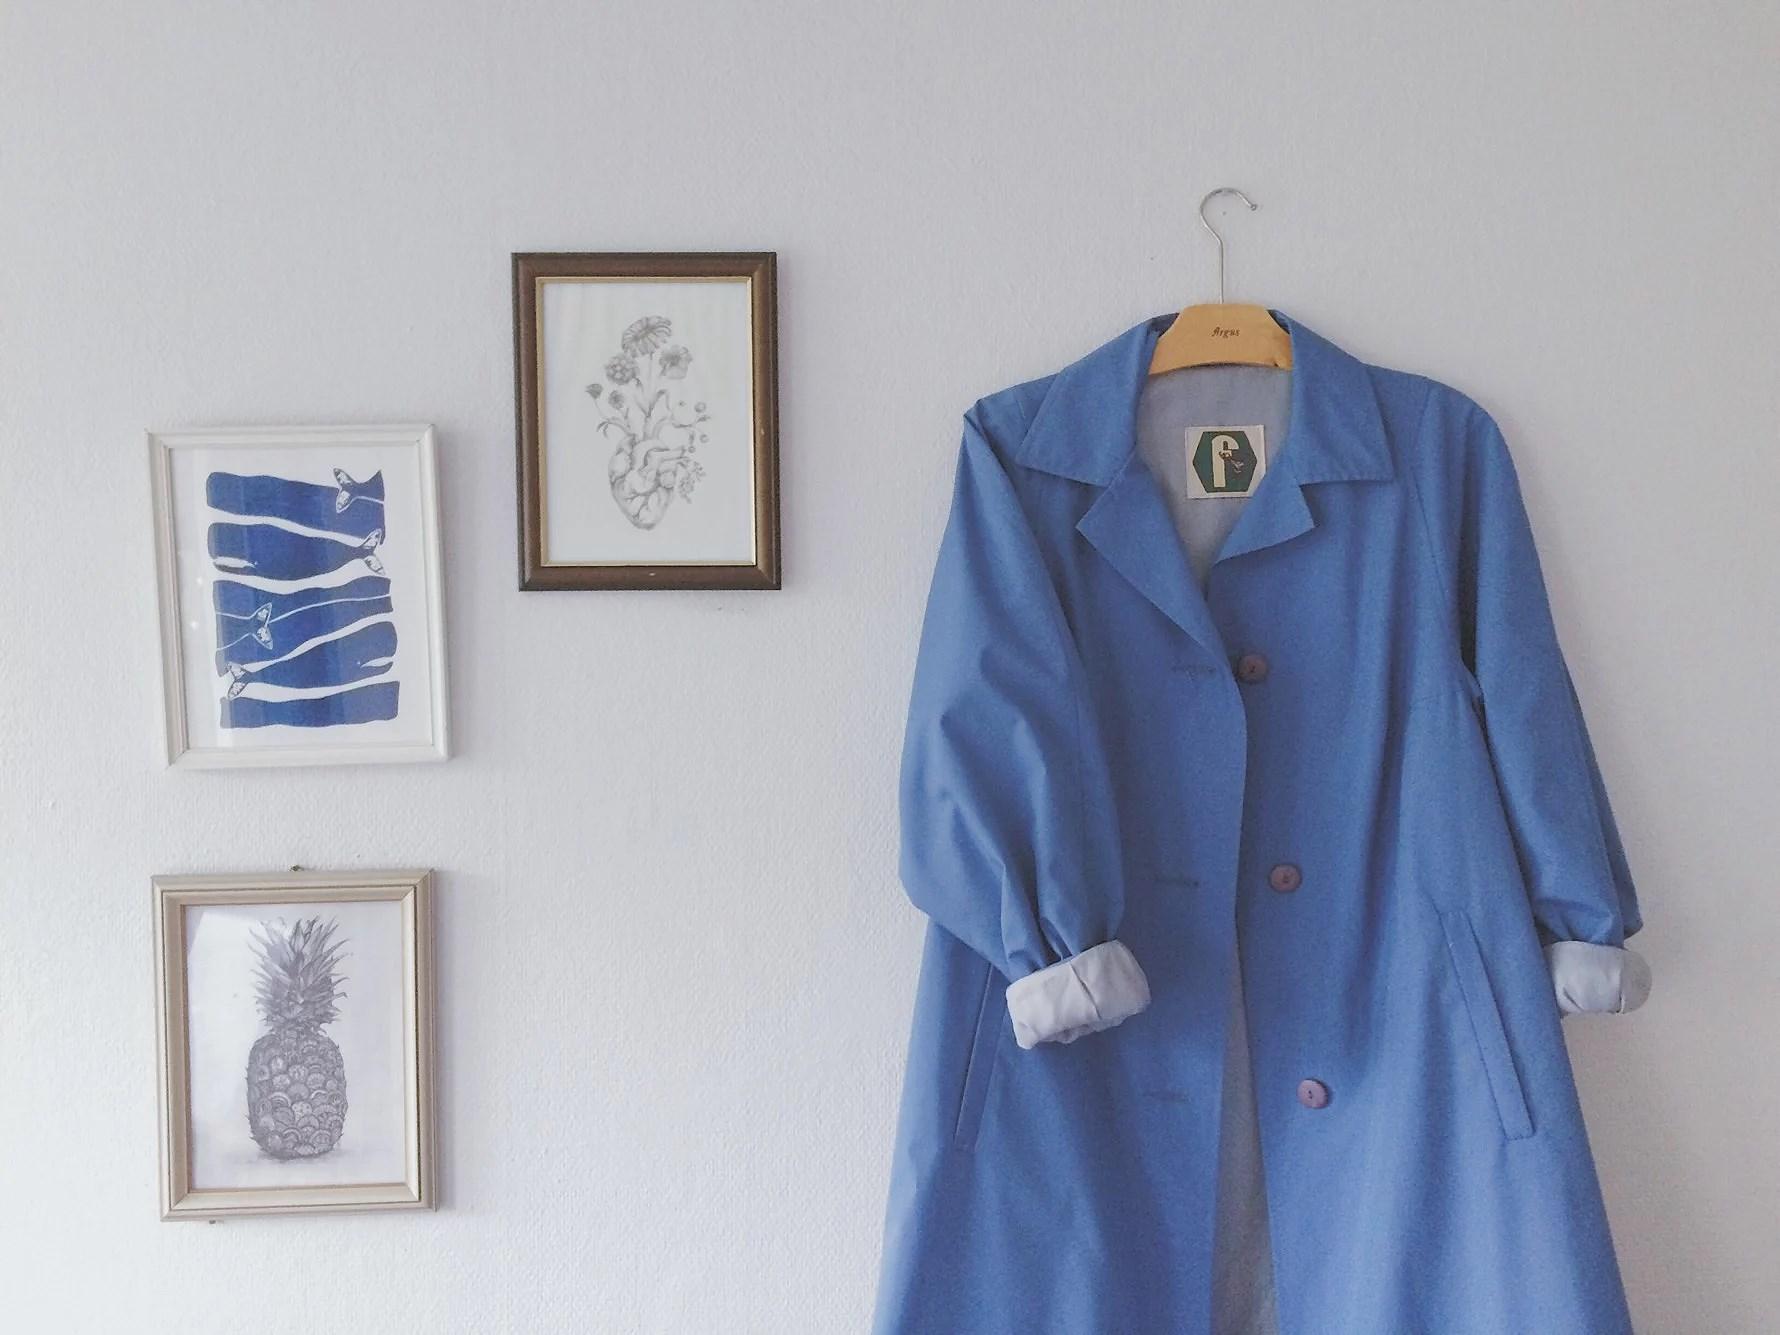 Den blåvalsblå kappan.